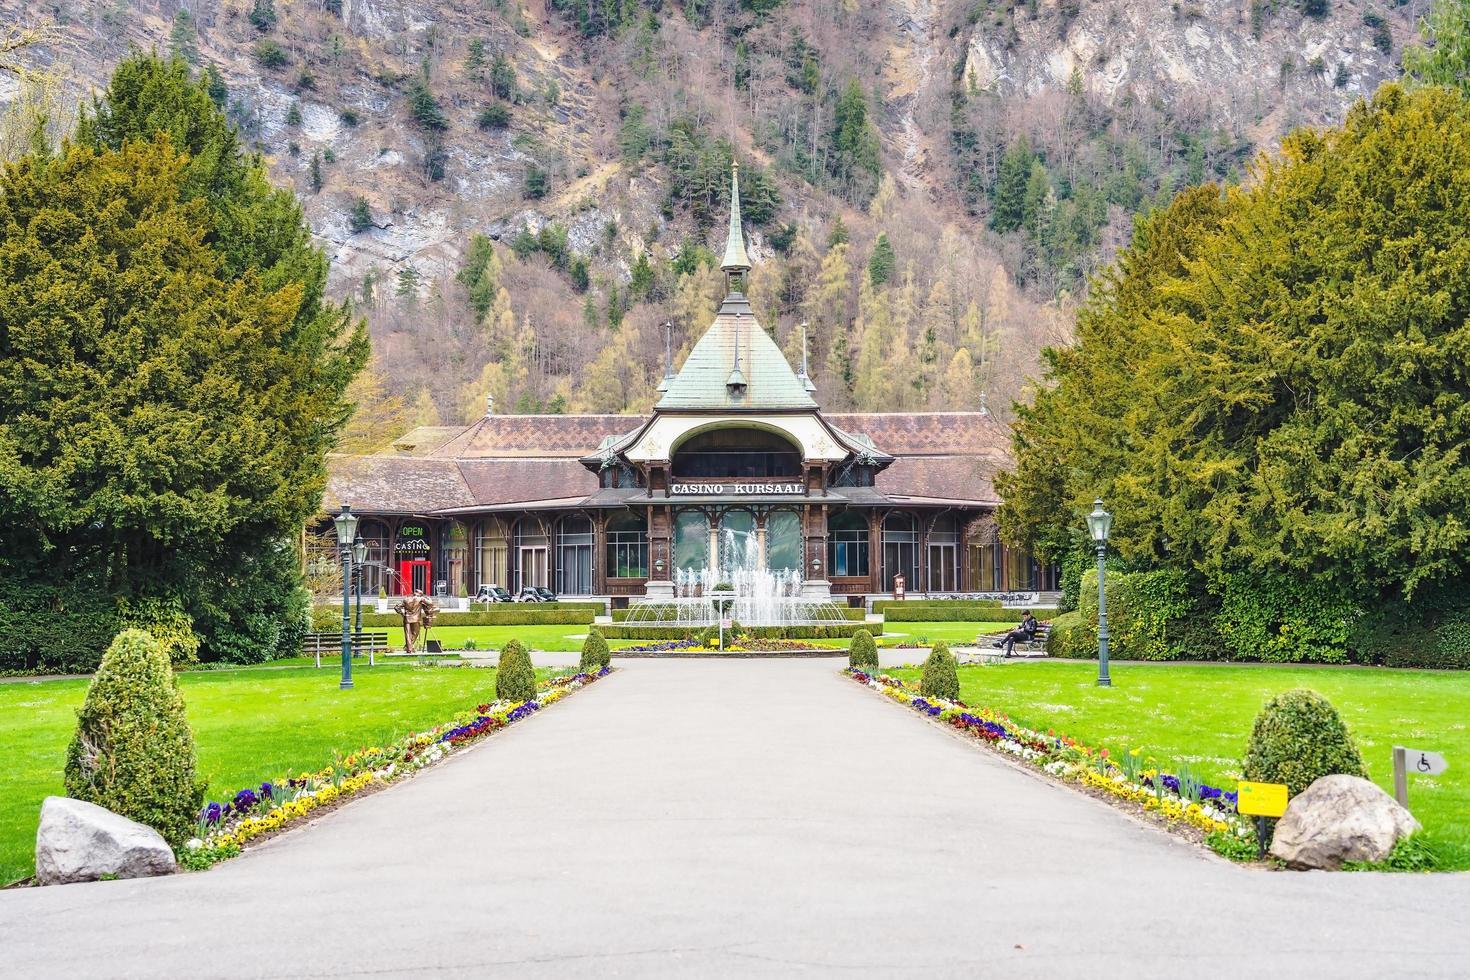 Casino Kursaal in Interiken, Schweiz. foto